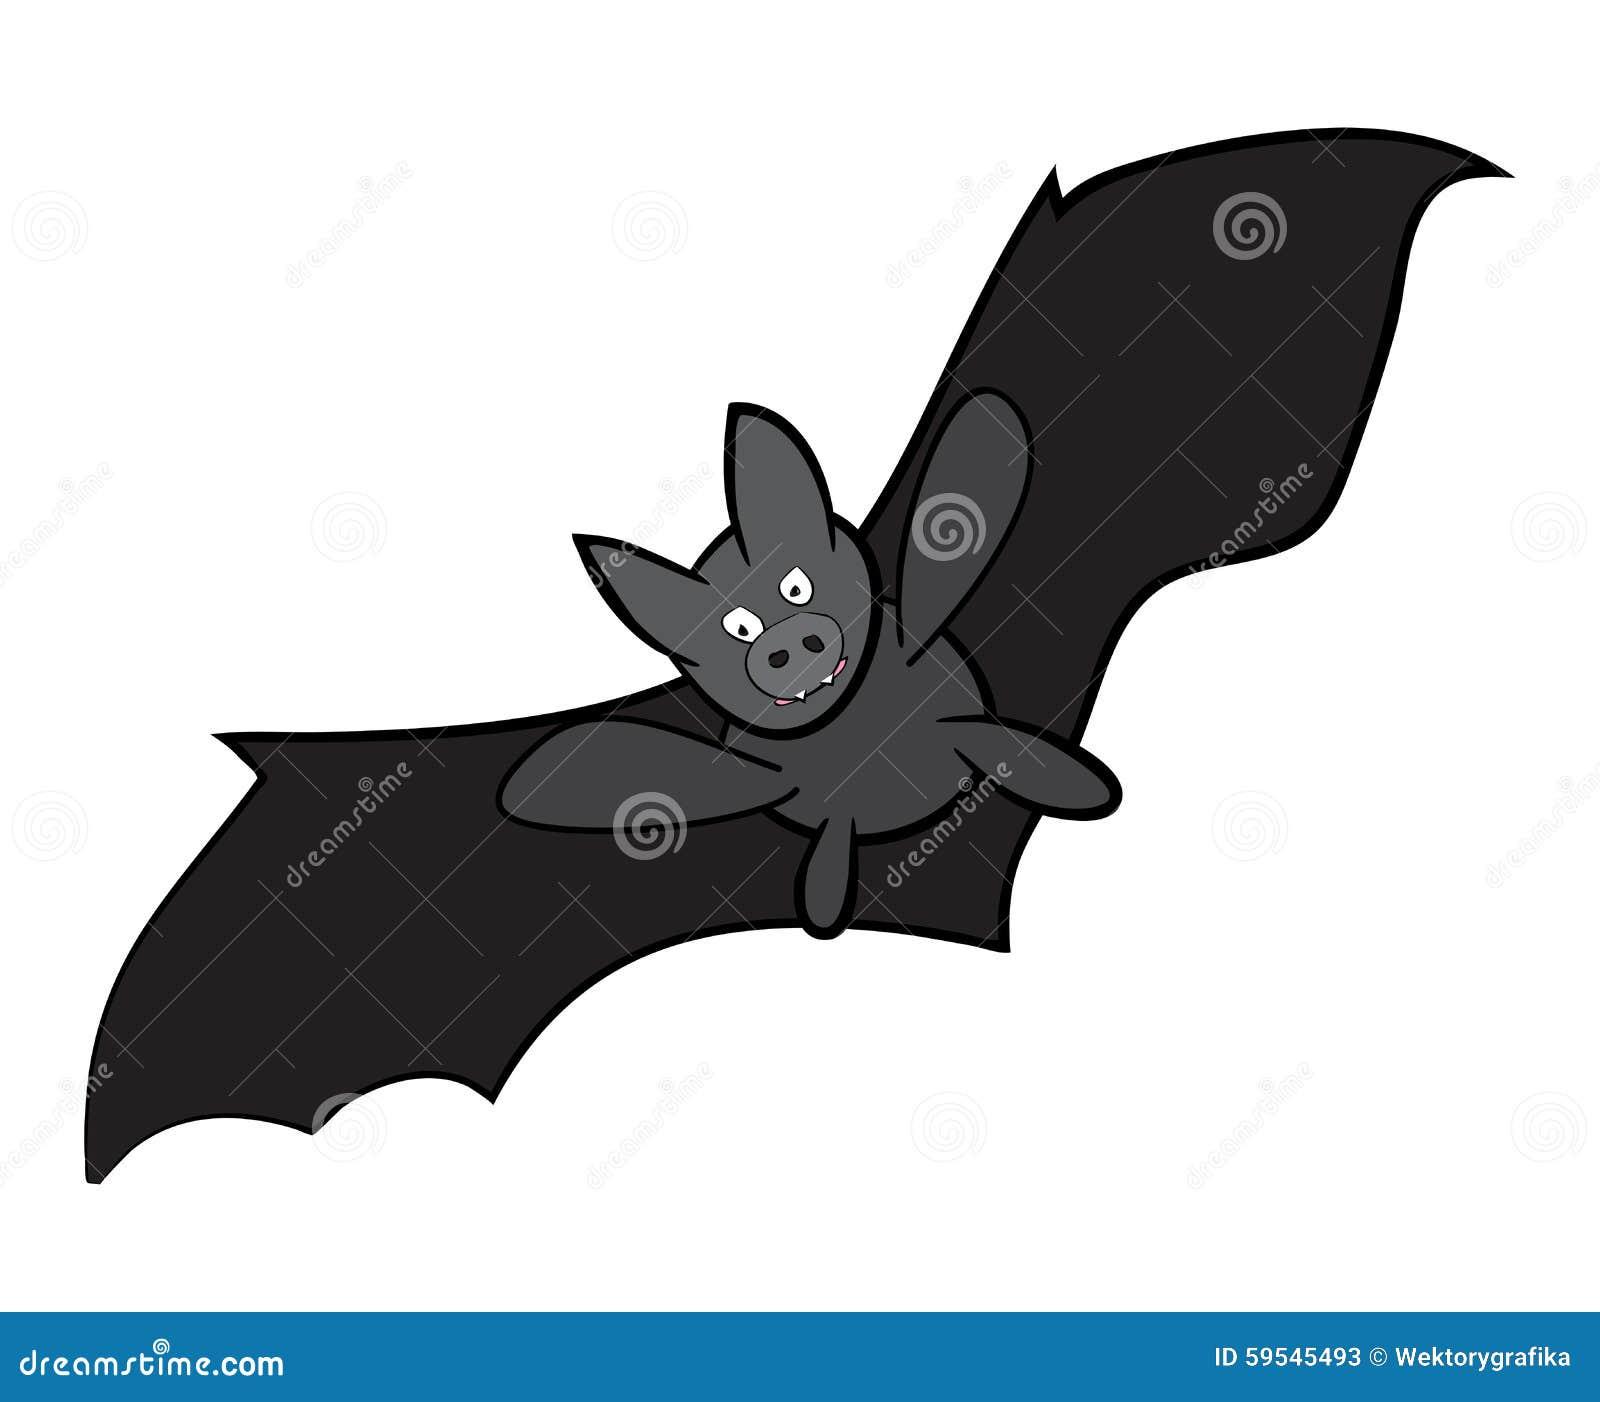 vector halloween bat cartoon illustration isolated on white